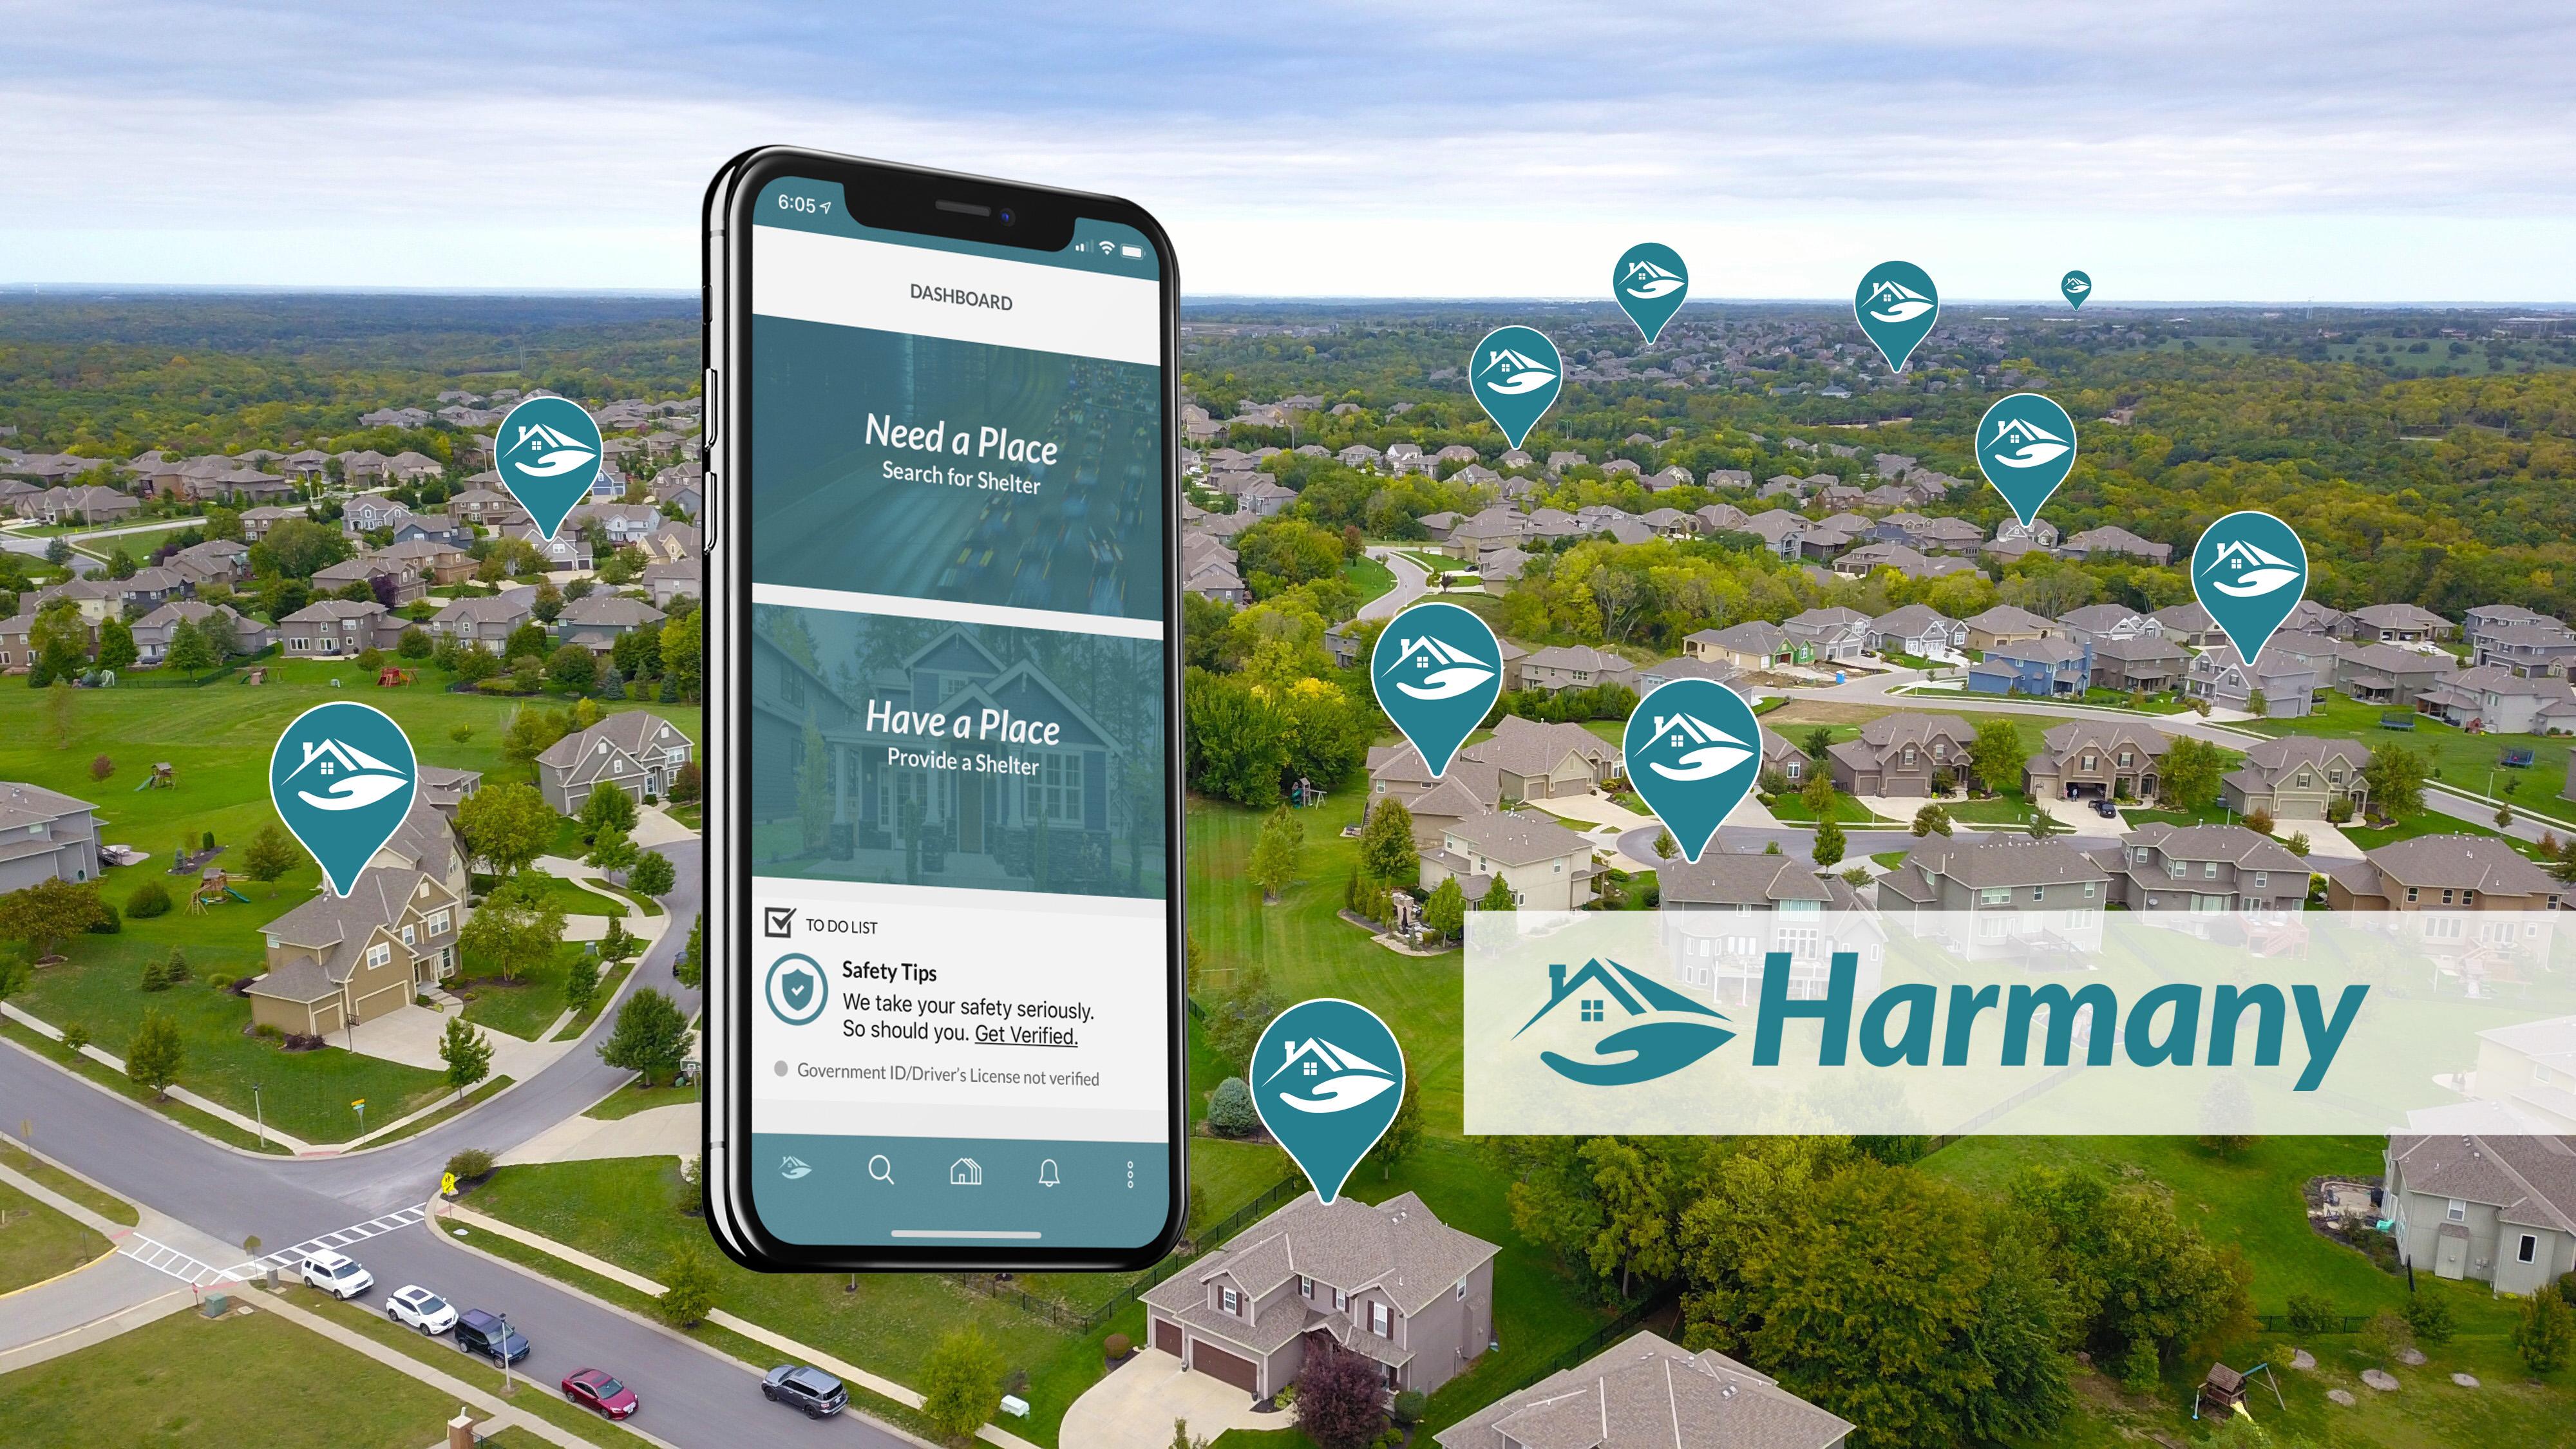 Harmany Hosts Open Homes to 3 Million Hurricane Dorian Evacuees